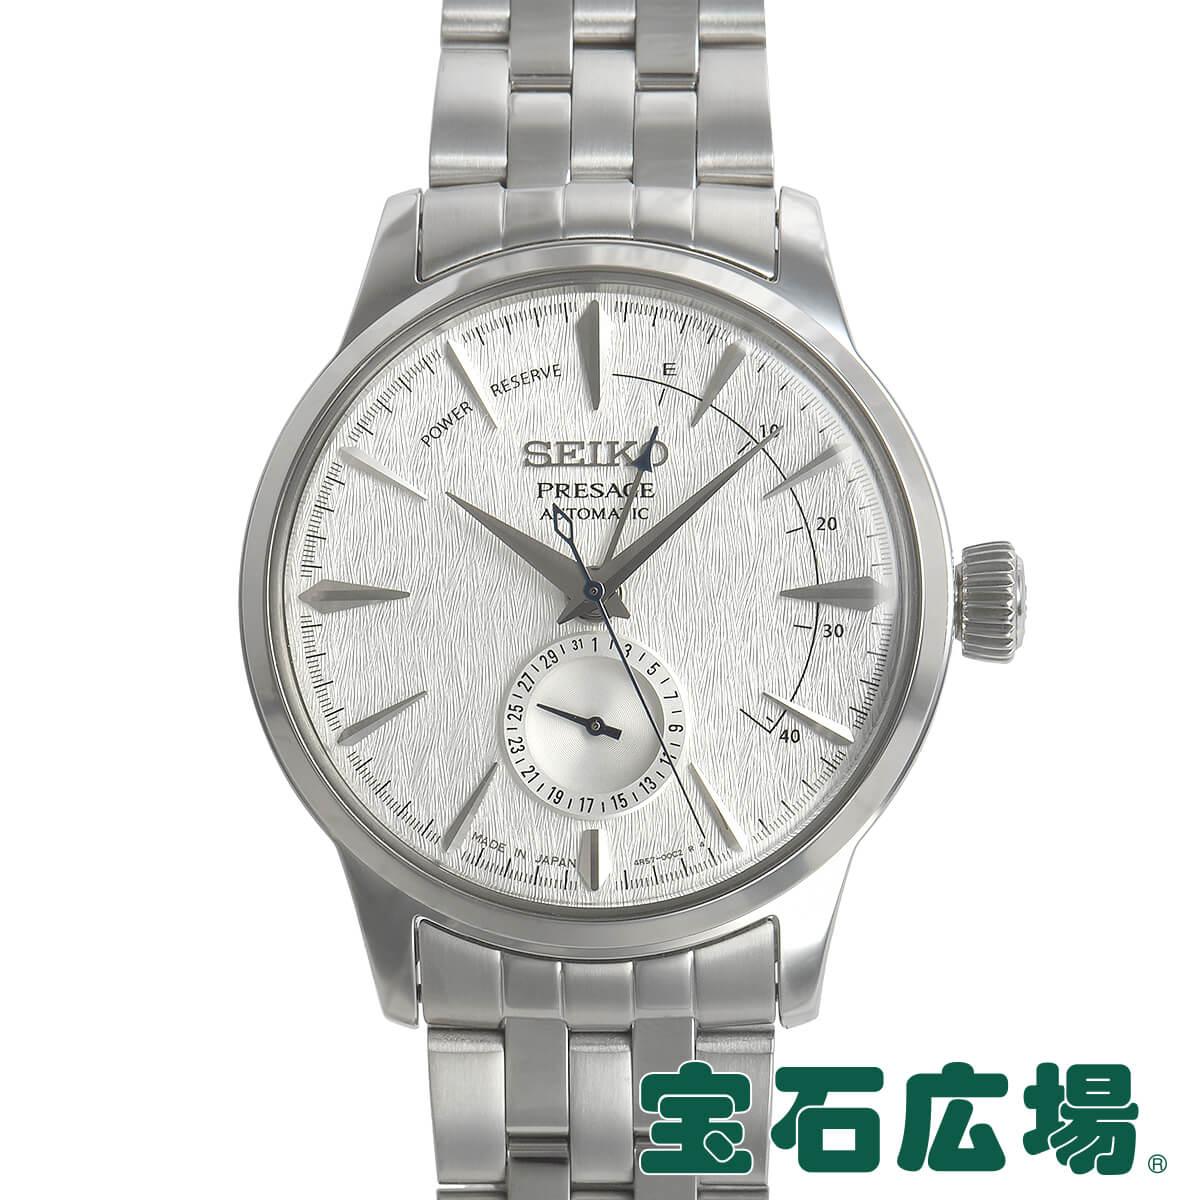 セイコー SEIKO プレザージュ 限定7000本 SARY105 4R57-00K0【中古】メンズ 腕時計 送料・代引手数料無料